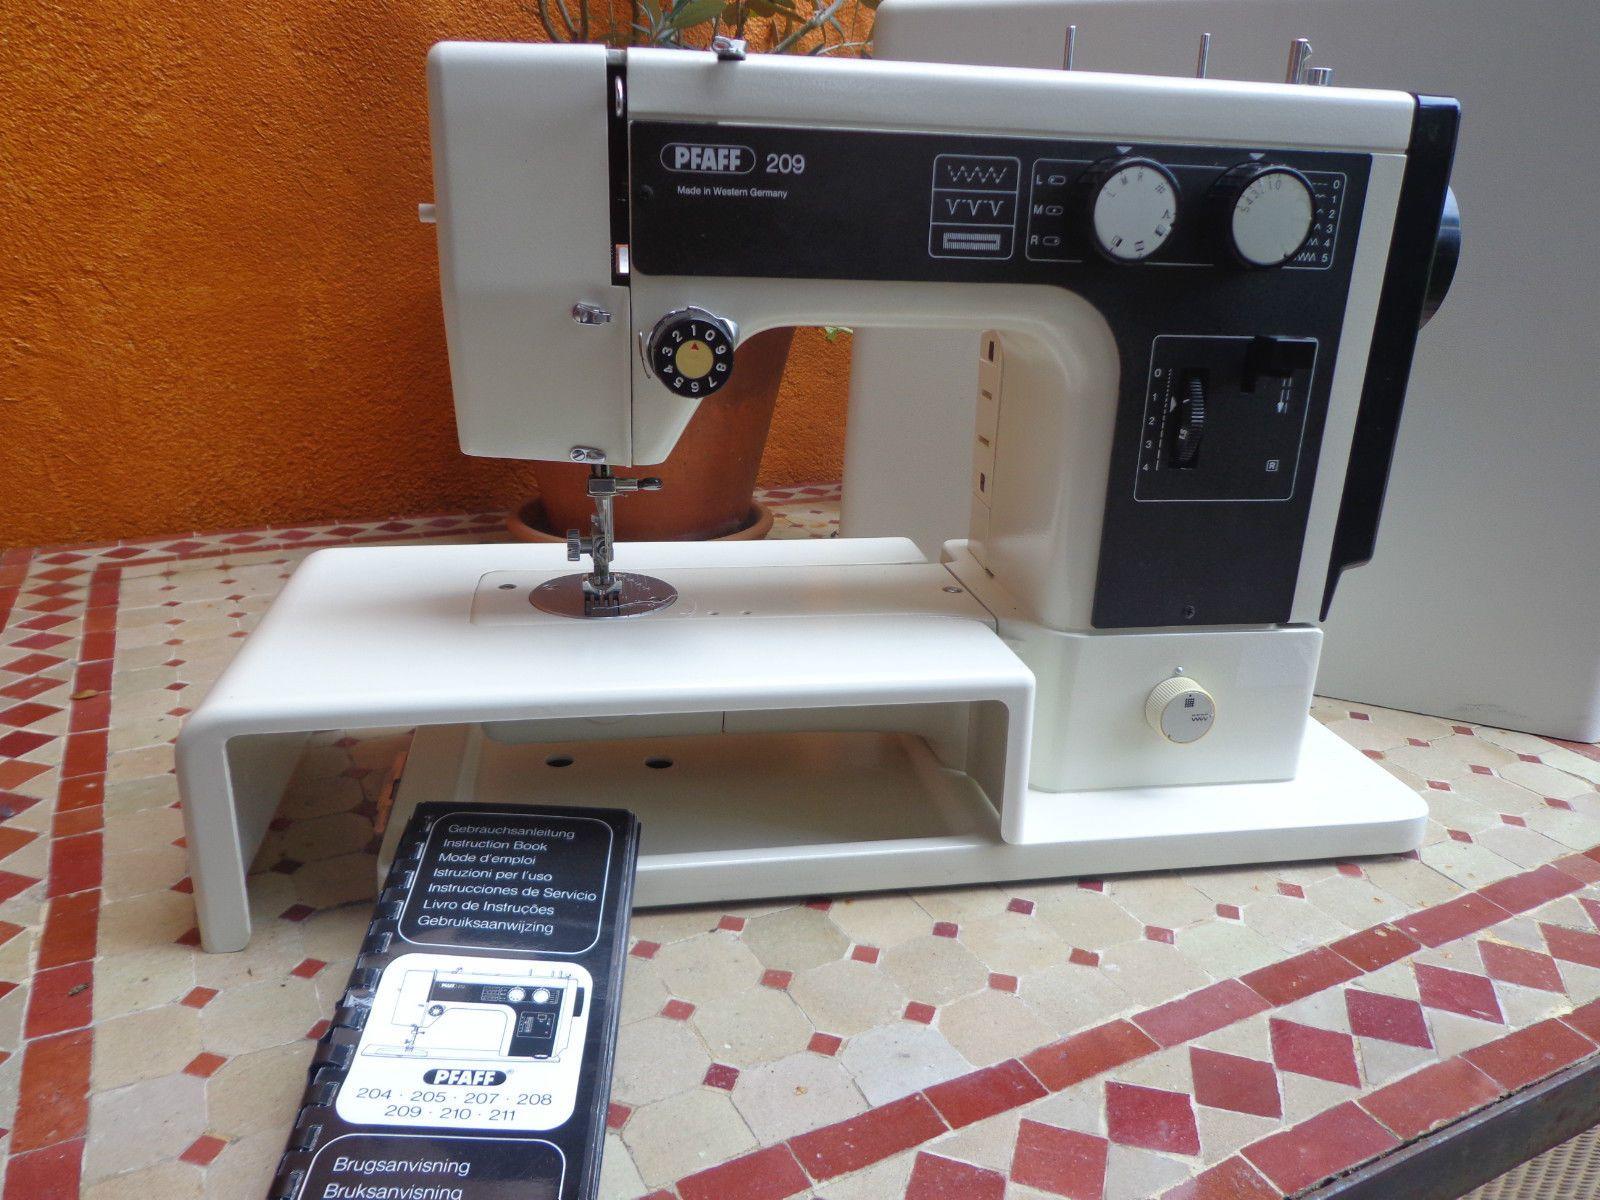 Nähmaschine Pfaff 209 ohne Fusspedal als Ersatzteilespender Pfaff 209 sewing  machine